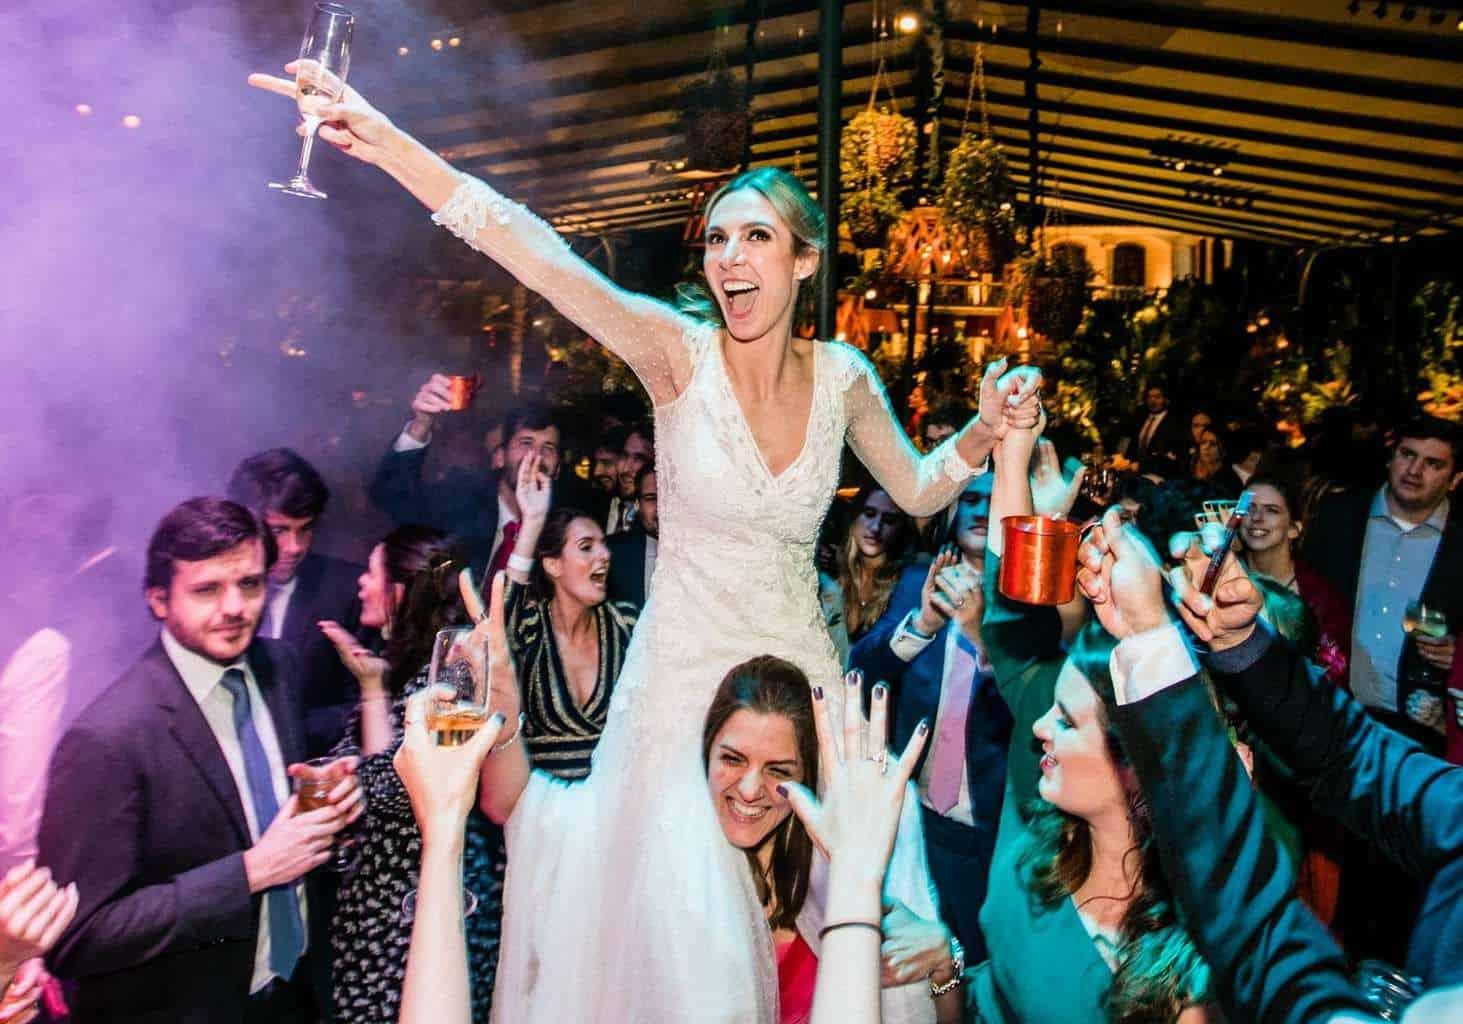 casamento-Camila-e-Diogo-casamento-na-fazenda-casamento-na-serra-casamento-romântico-destination-wedding-Fazenda-Santo-Antonio-festa-Fotografia-Rodrigo-Sack-86-e1536937510848